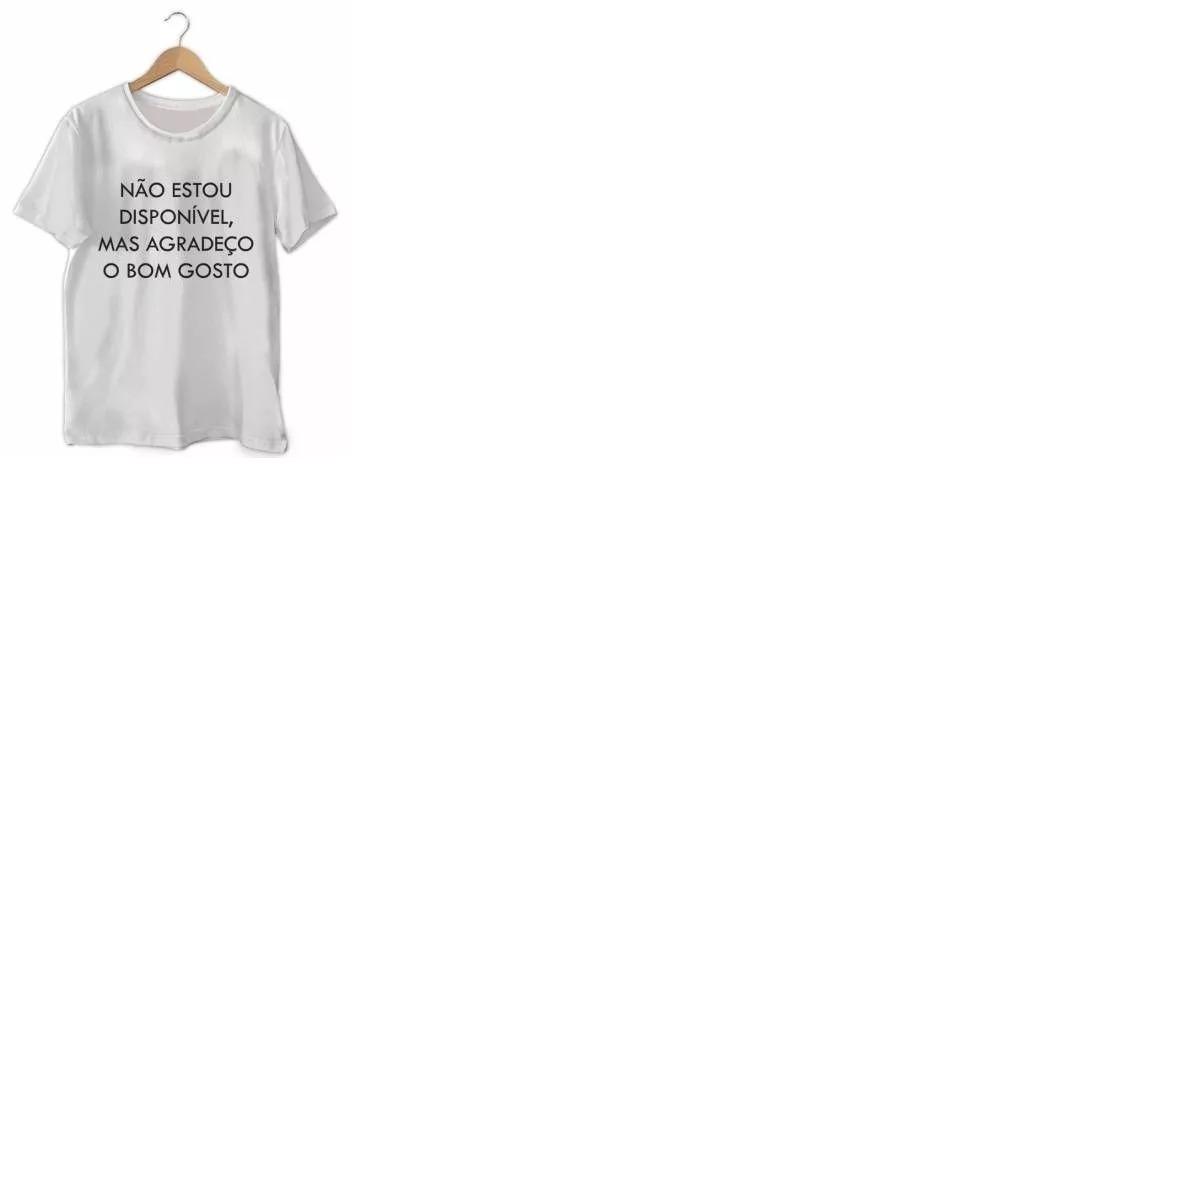 1b0123c73 camiseta não estou disponível mais agradeço o bom gosto. Carregando zoom.